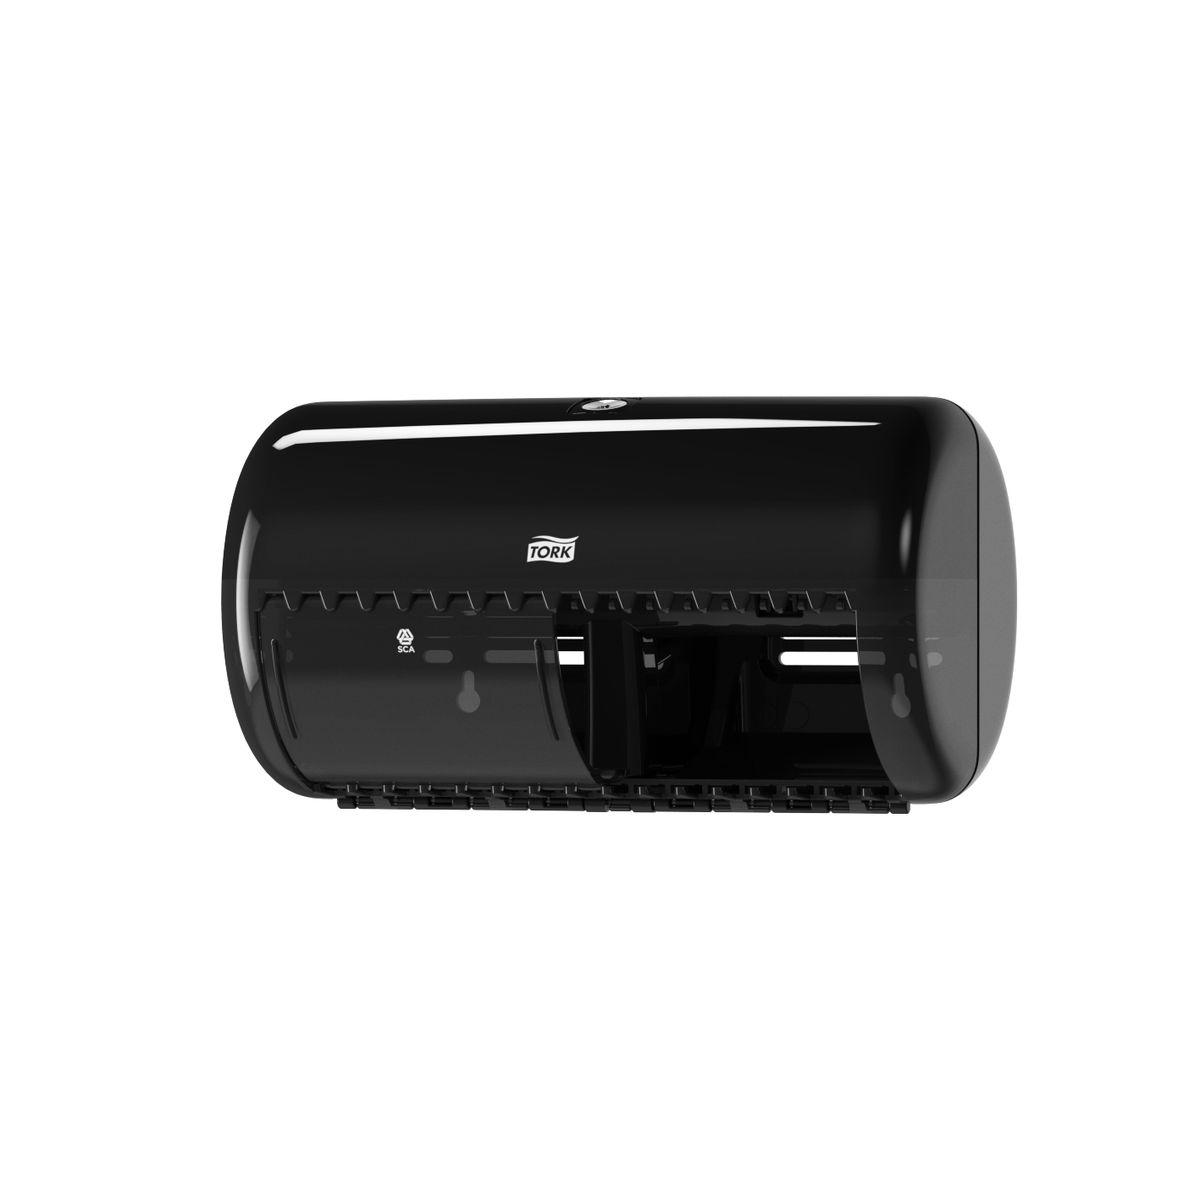 Диспенсер для туалетной бумаги Tork, на 2 рулона, цвет: черный. 557008557008Диспенсер для туалетной бумаги Tork с системой Т4 для бумаги в стандартных рулончиках. Практичный компактный диспенсер, вмещающий 2 стандартных рулона туалетной бумаги.Бумага легко отрывается с помощью удобных зубцов, даже не имея перфорации, защищается от повреждений и кражи. Диспенсер открывается с помощью ключа или нажатием на кнопку.В комплект входит инструкция по заправке и использованию.